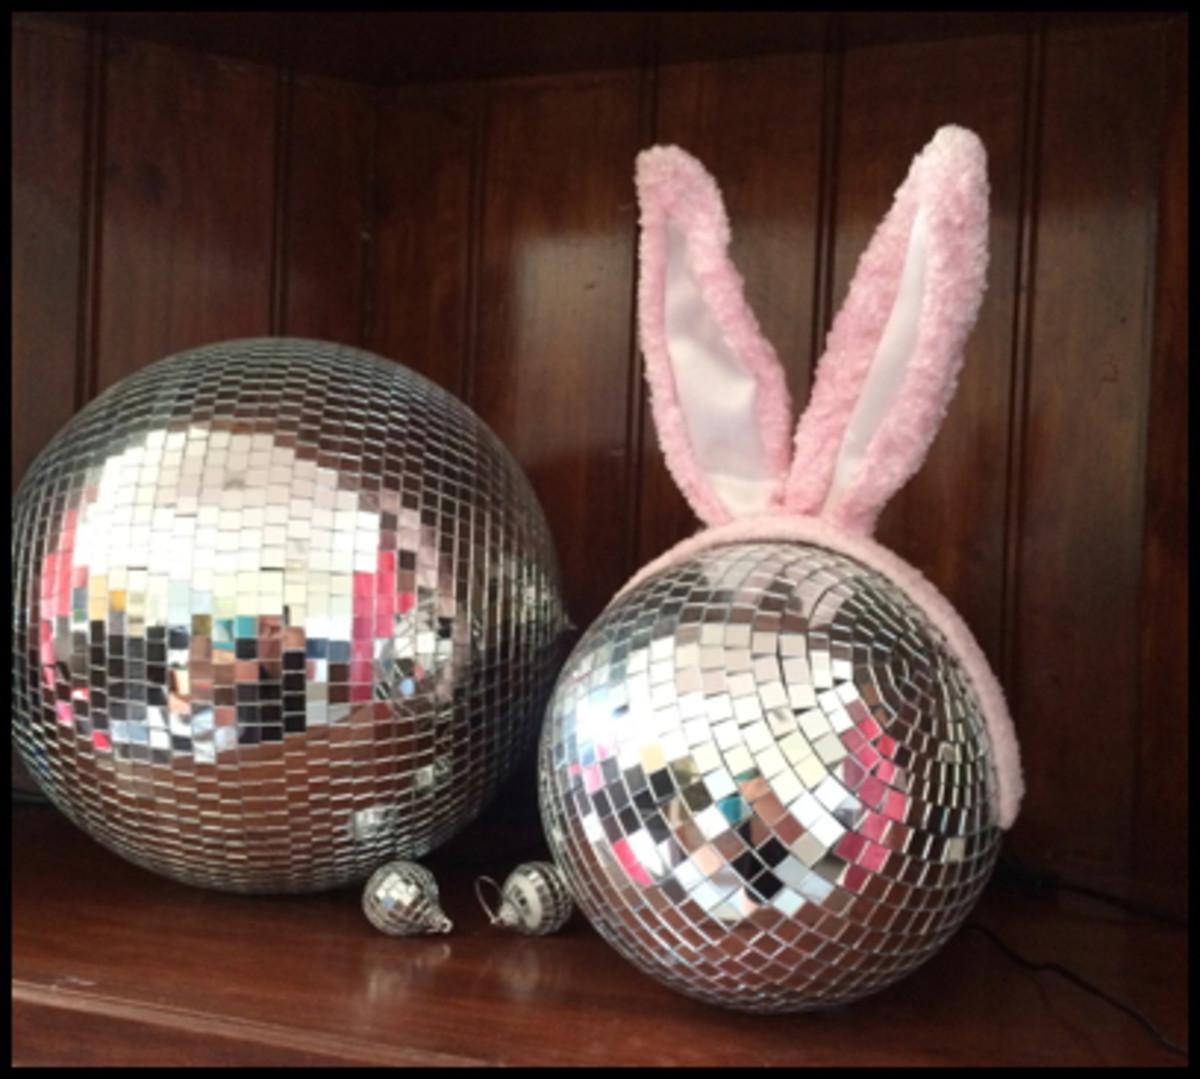 disco-ball-bunny